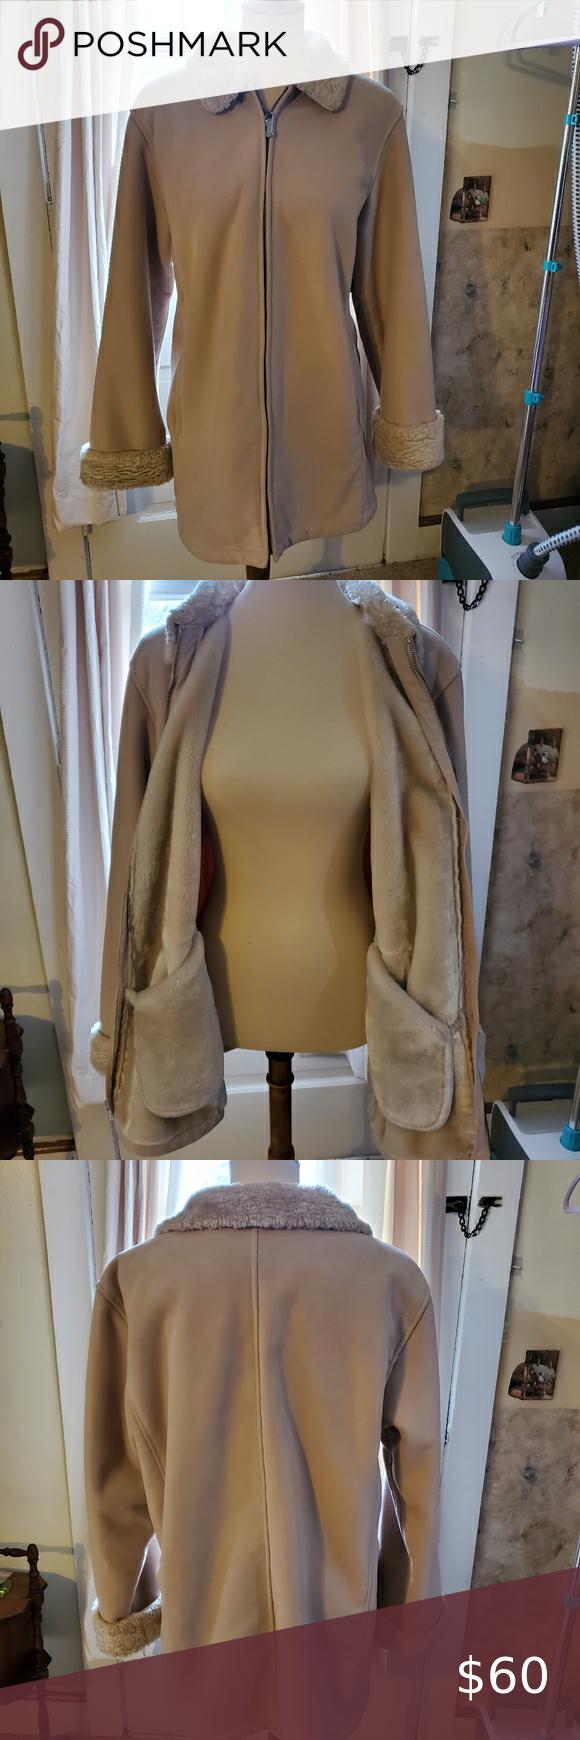 Liz Claiborne Coat Liz Claiborne Clothes Design Beautiful Coat [ 1740 x 580 Pixel ]